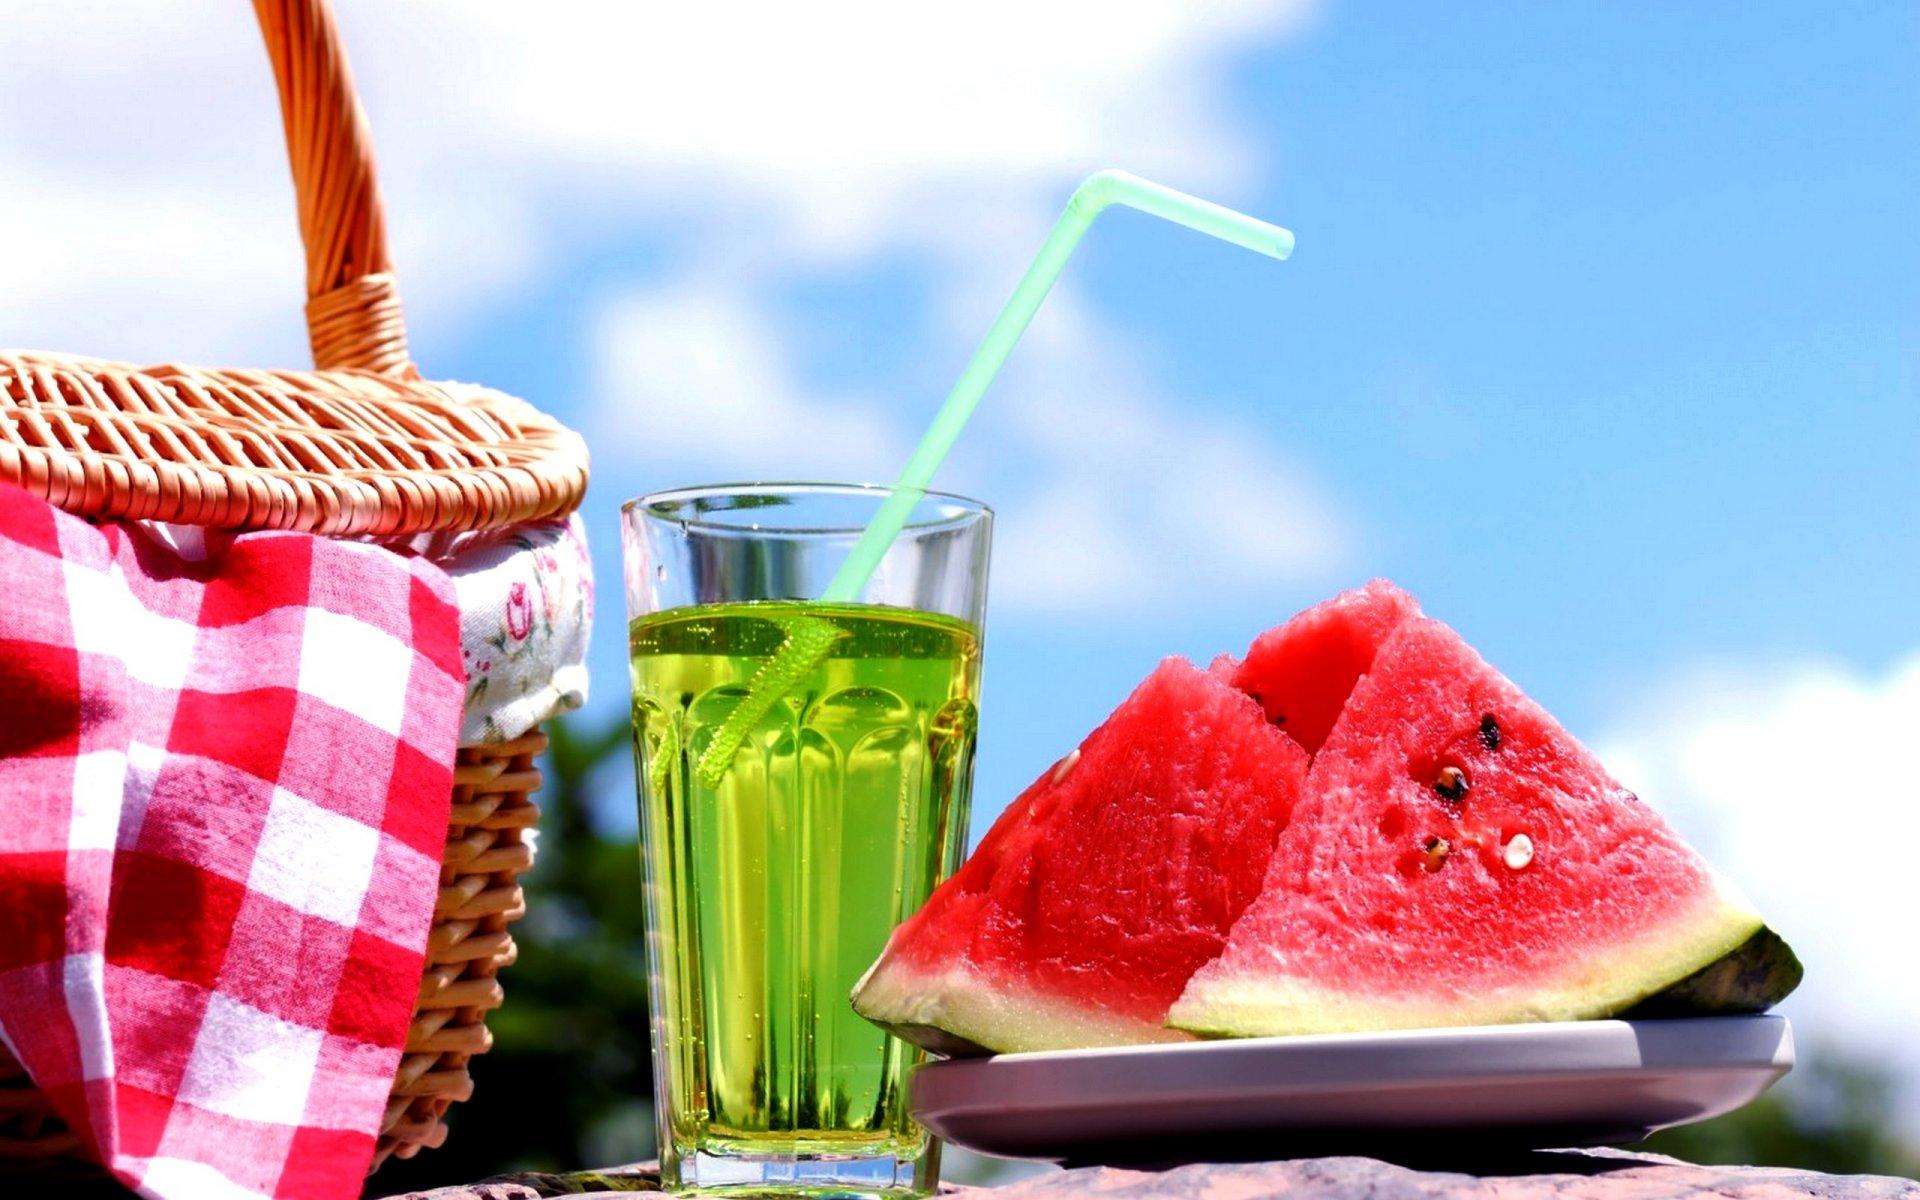 сочное лето картинки на рабочий стол проведем